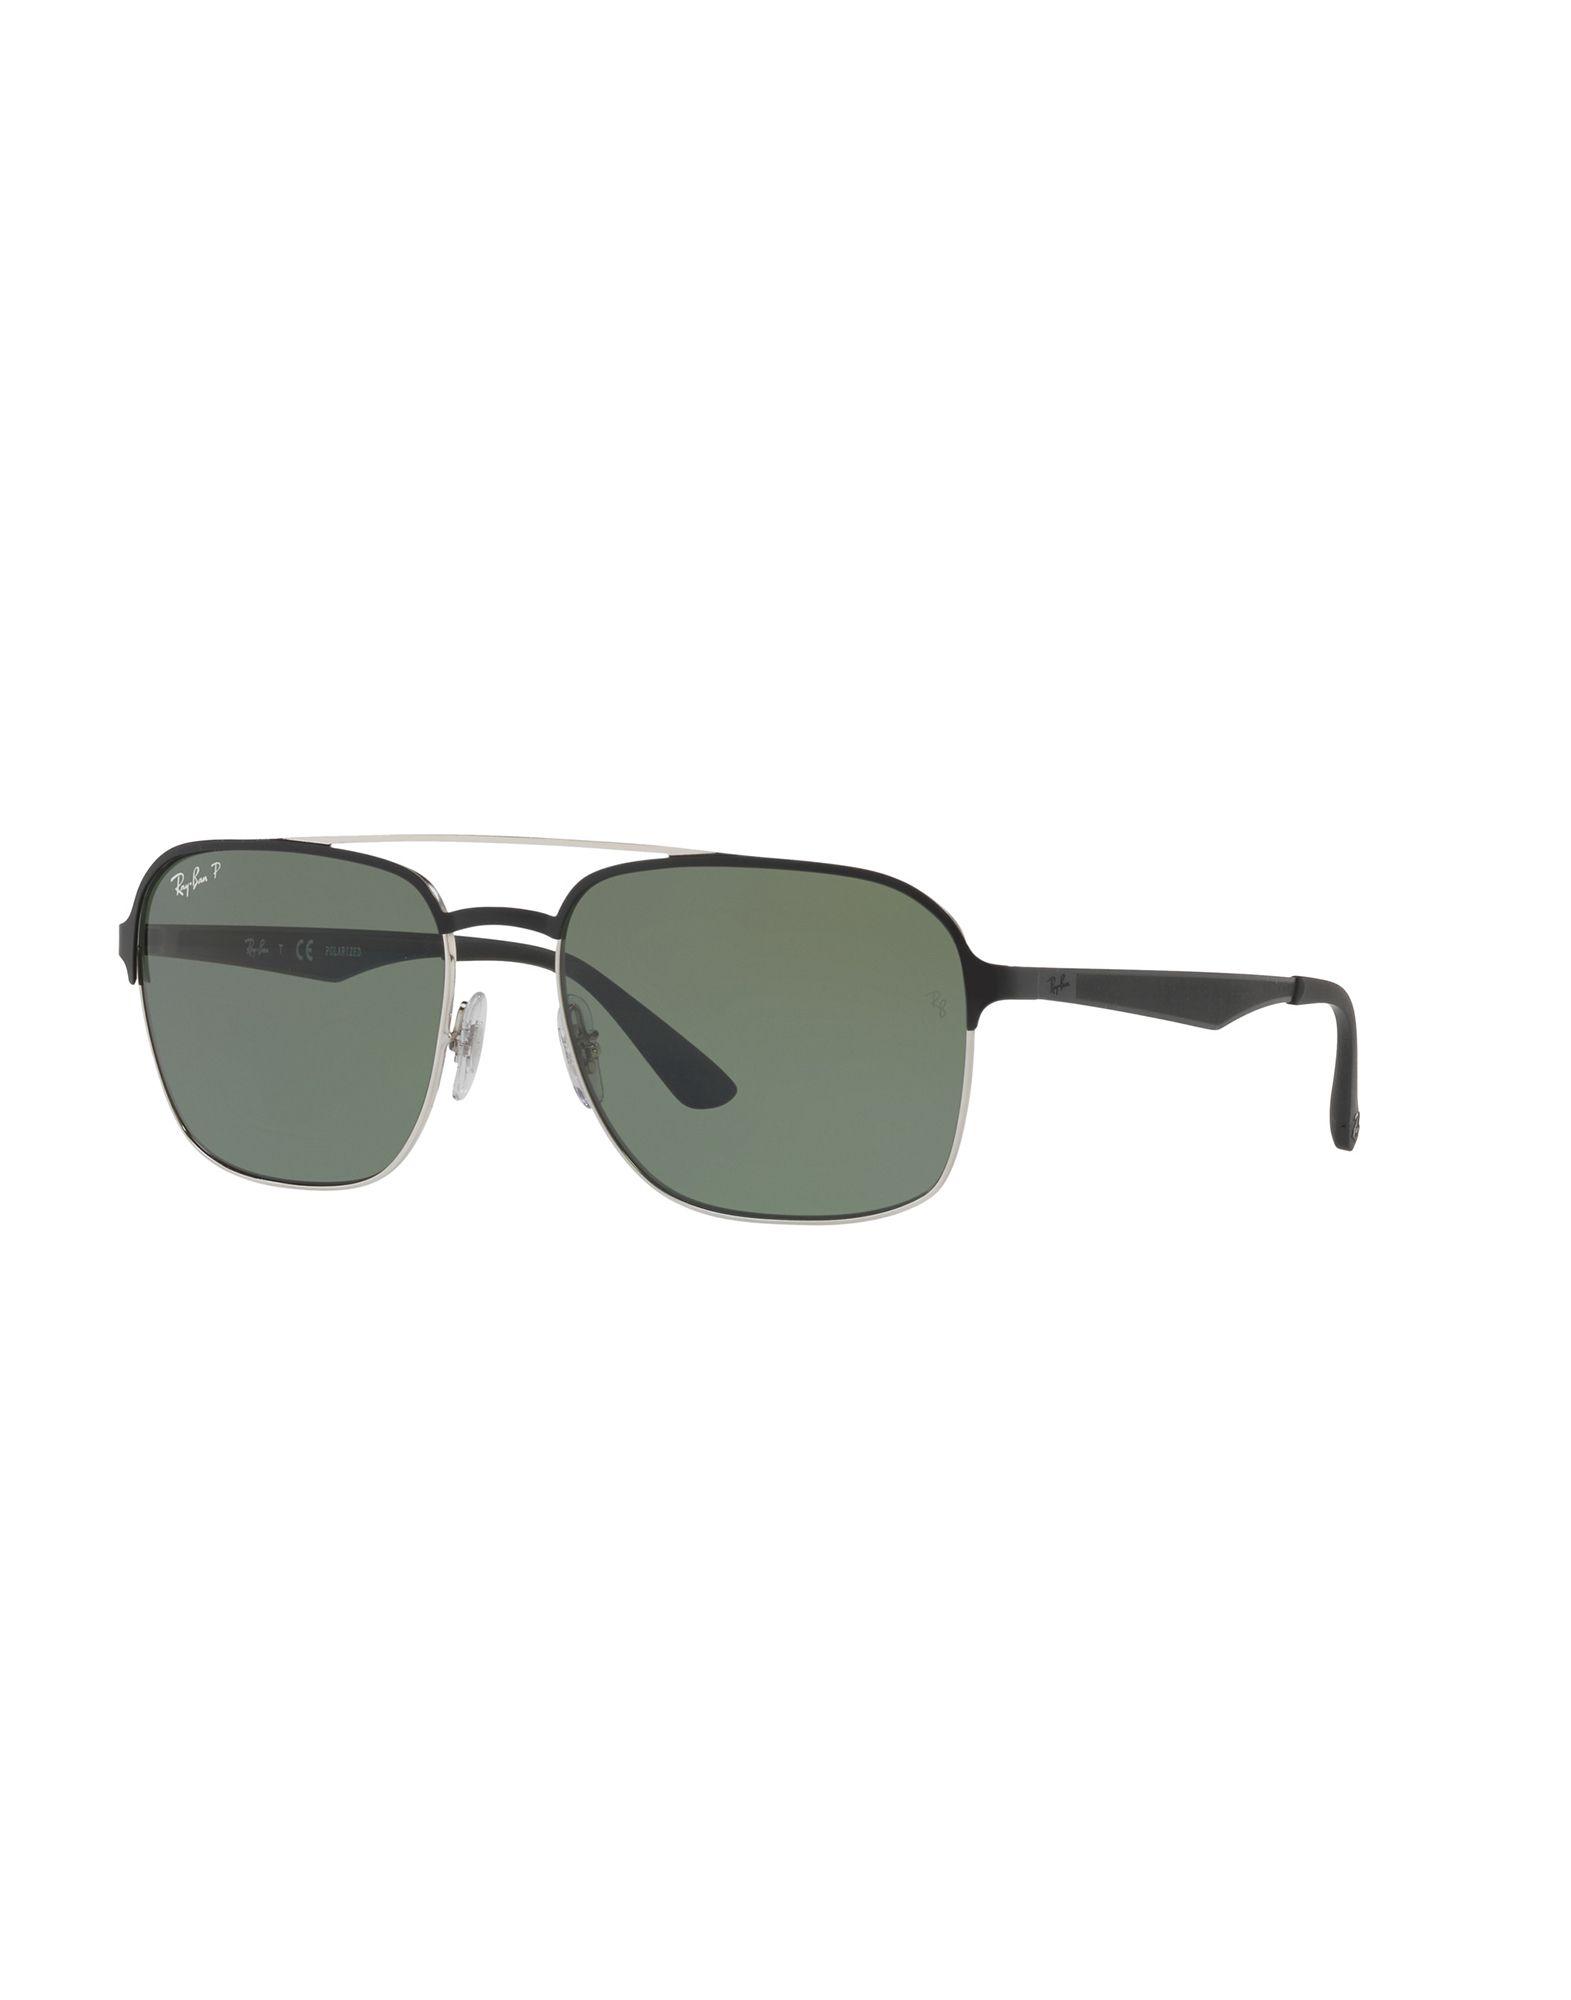 Occhiali Da Sole Ray-Ban Rb3570 - Uomo - Acquista online su